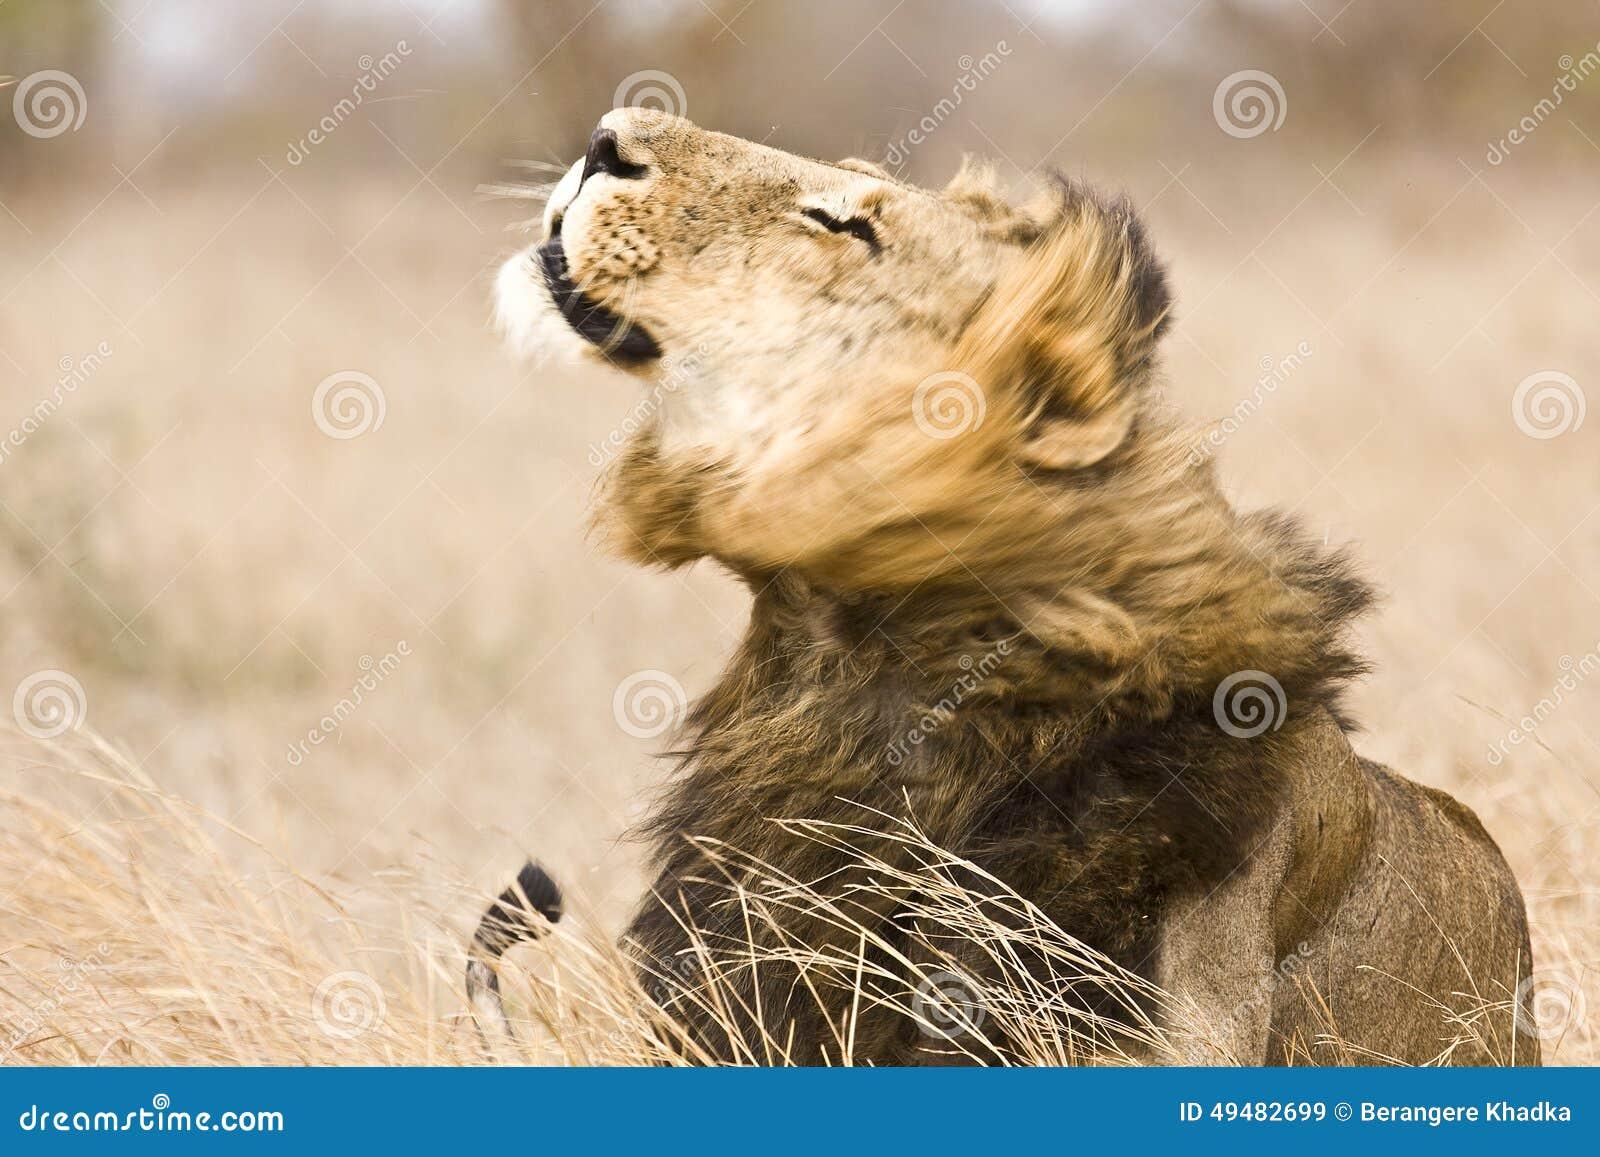 Leone maschio selvaggio che si scuote, parco nazionale di Kruger, Sudafrica